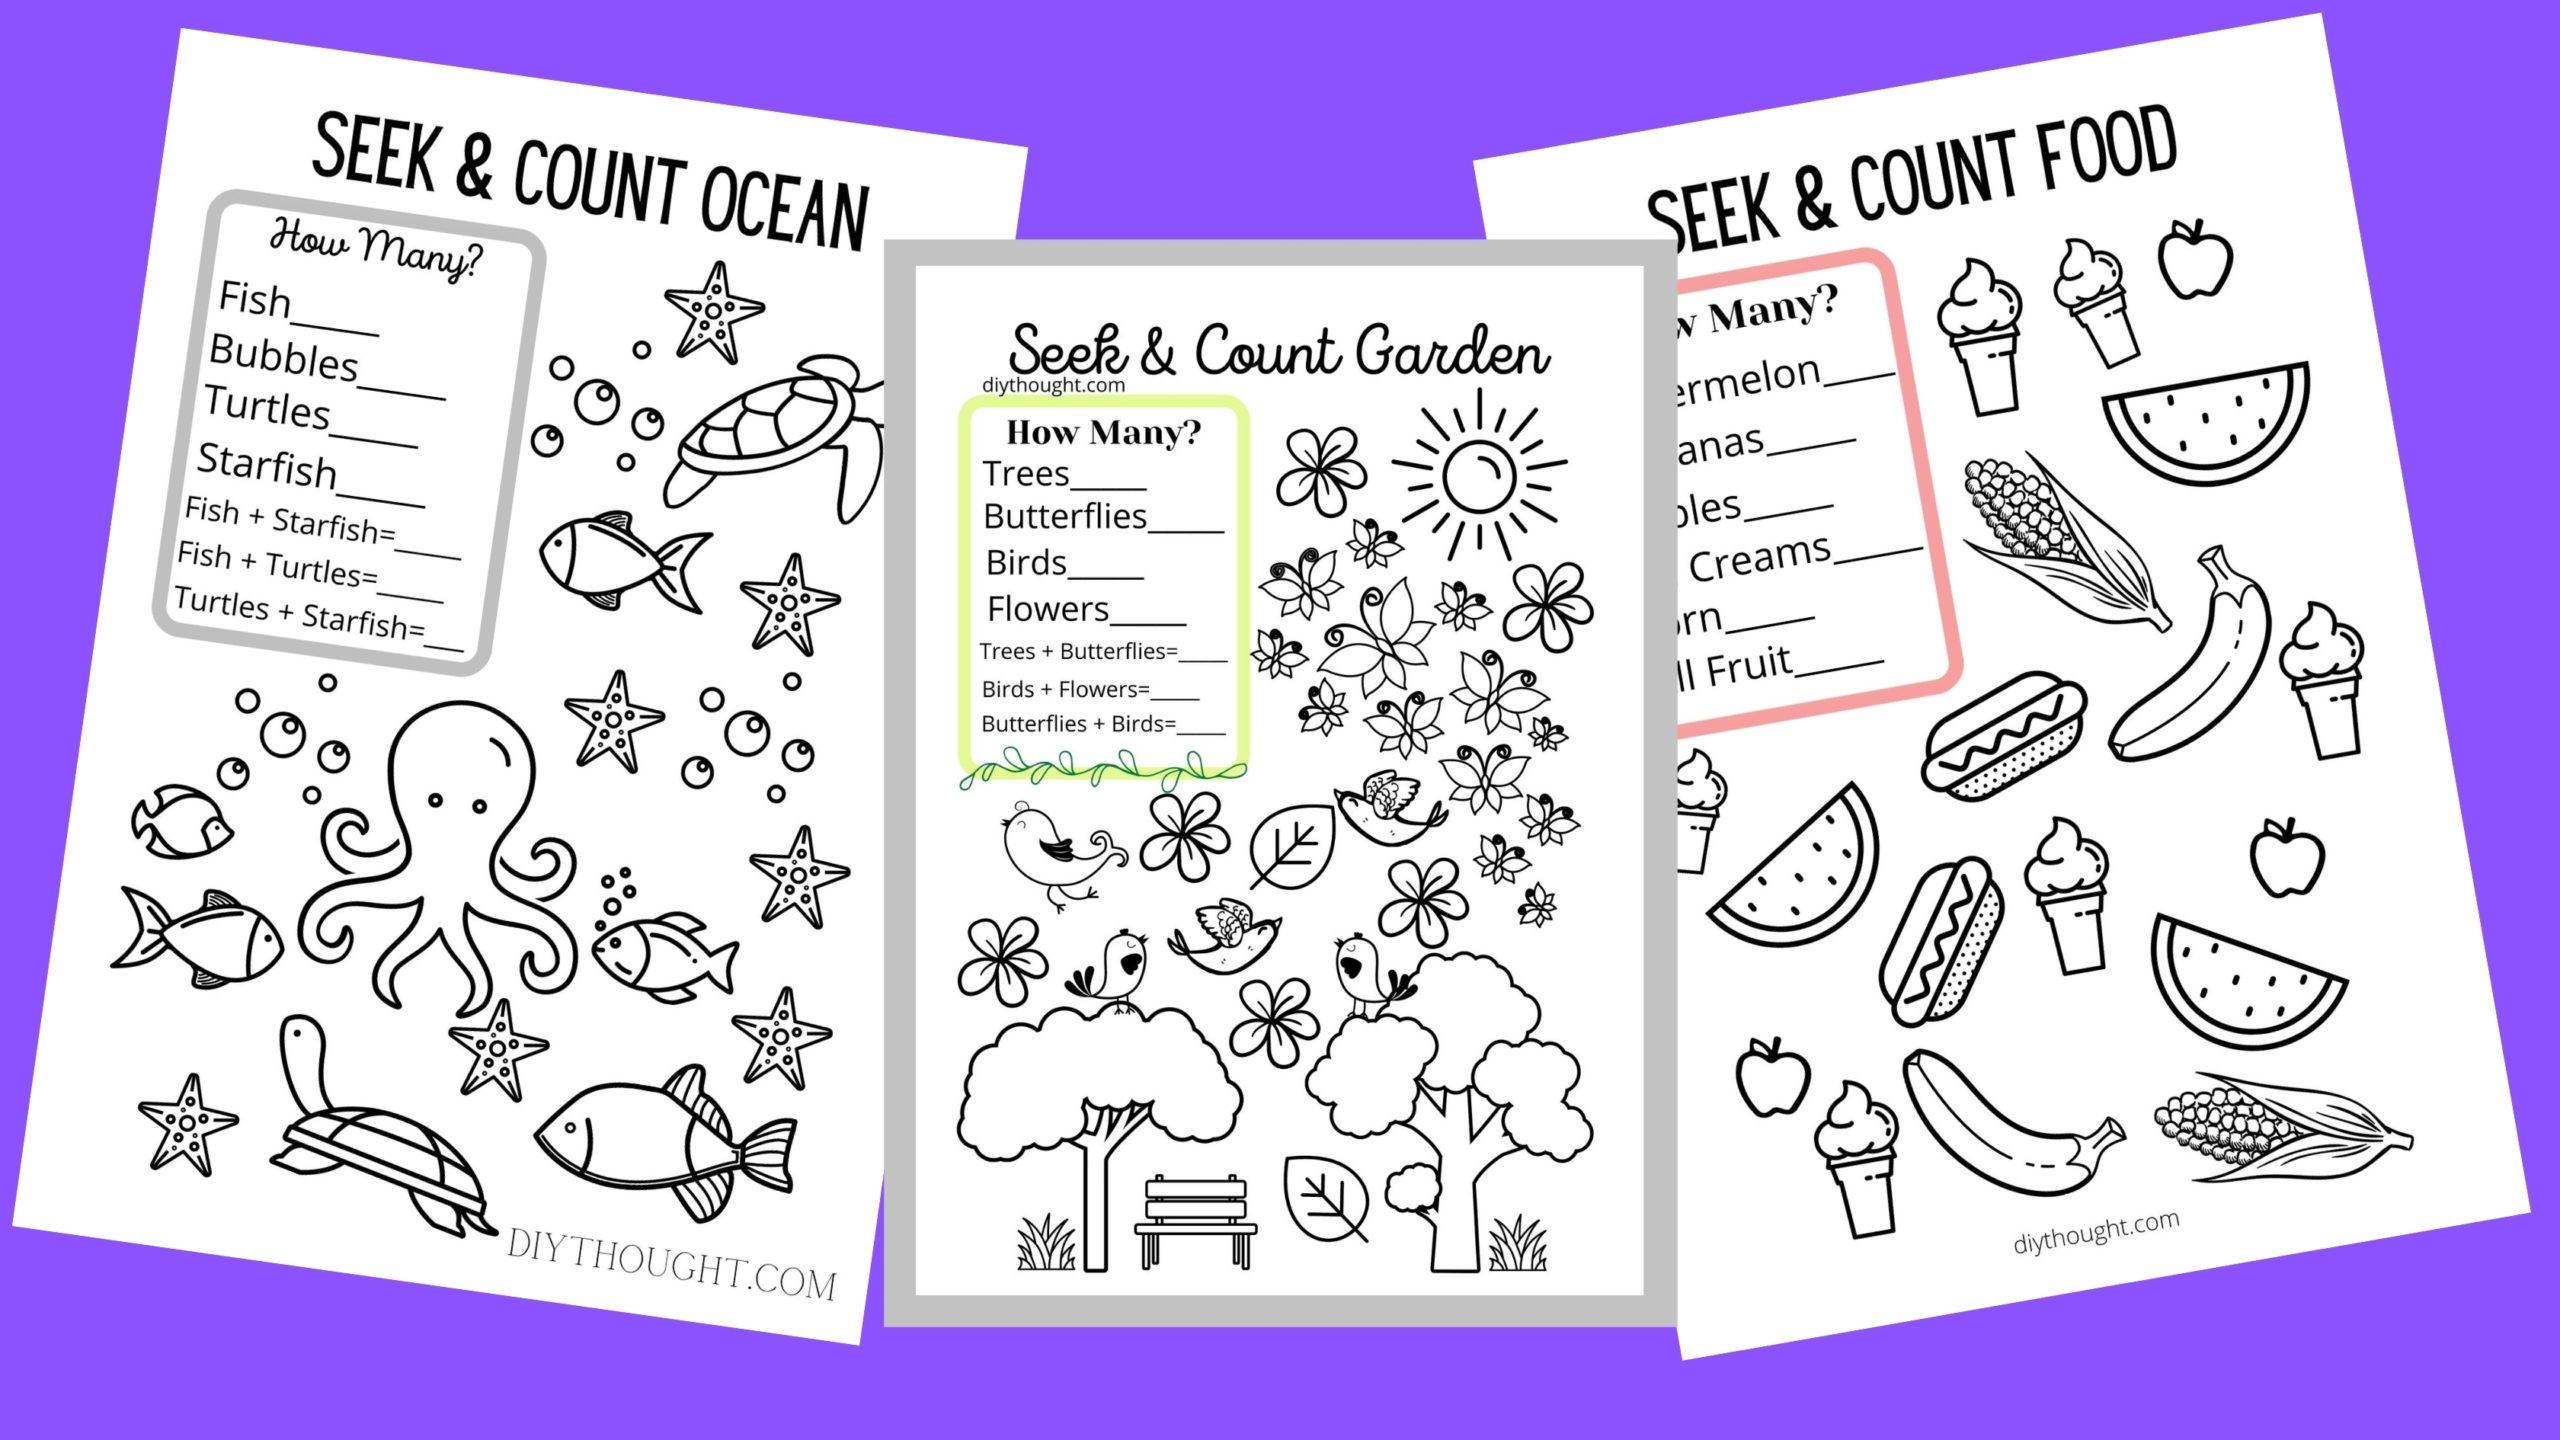 Free Seek Amp Count Printable Worksheets